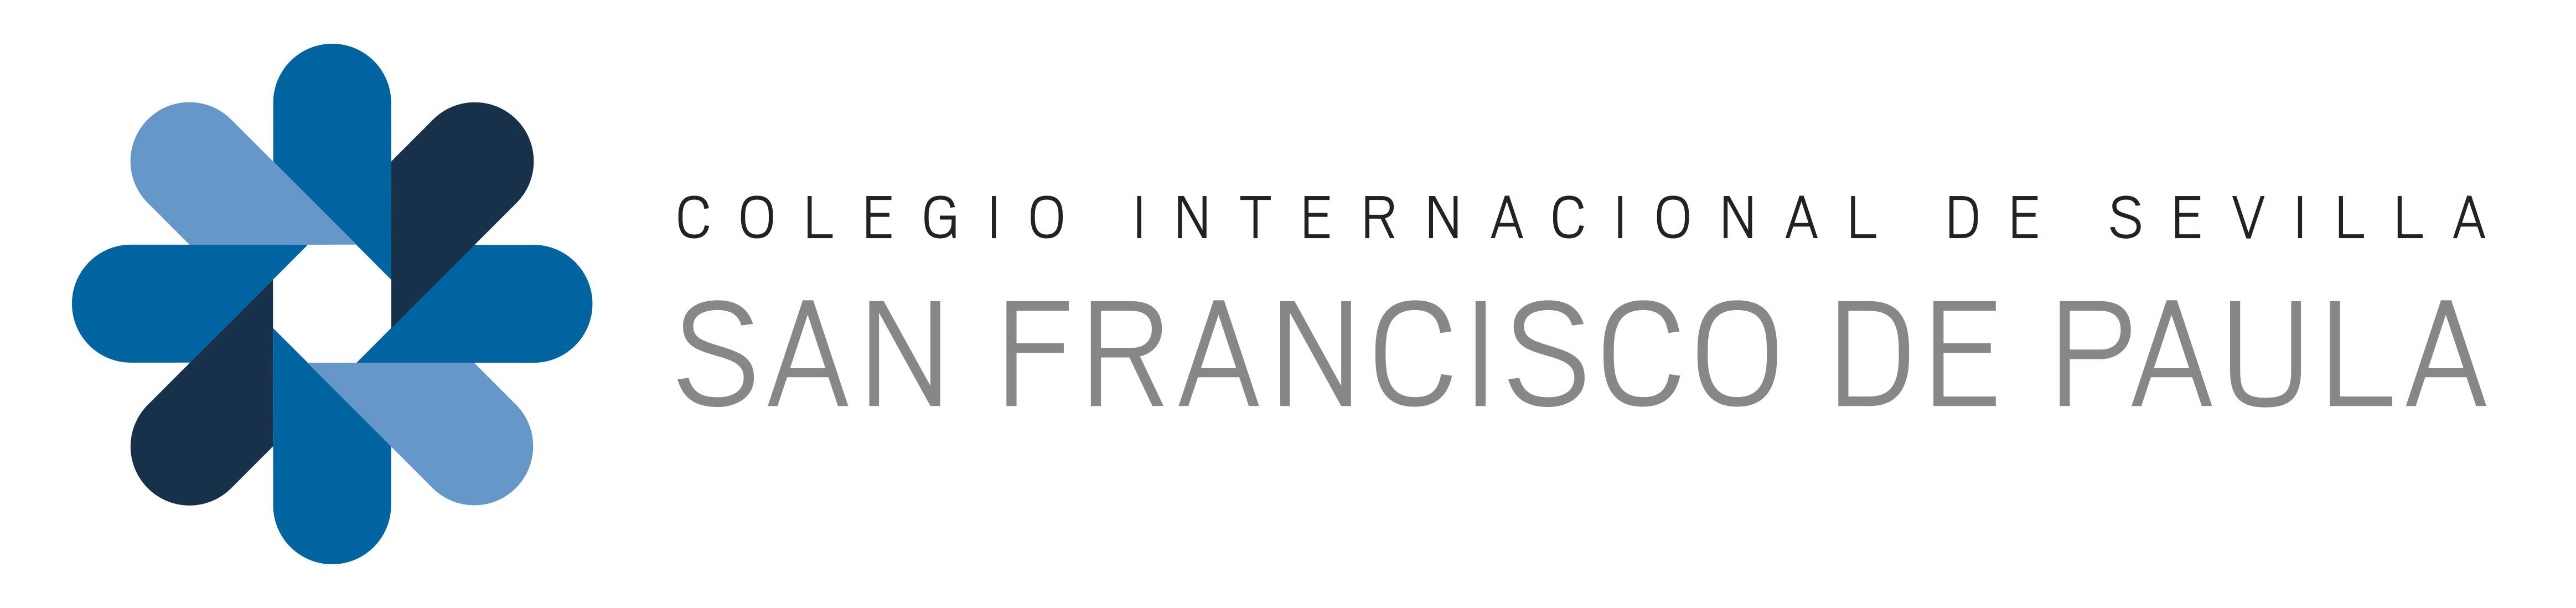 NOTA DE AGENDA Y CONVOCATORIA A GRÁFICOS: EL COLEGIO DE SAN FRANCISCO DE PAULA CAMBIA DE PIEL Y SE TRANSFORMA EN EL SIDERAL ESPACIO DESDE MAÑANA CON LA IMPLICACIÓN DE MÁS DE 1.000 ALUMNOS